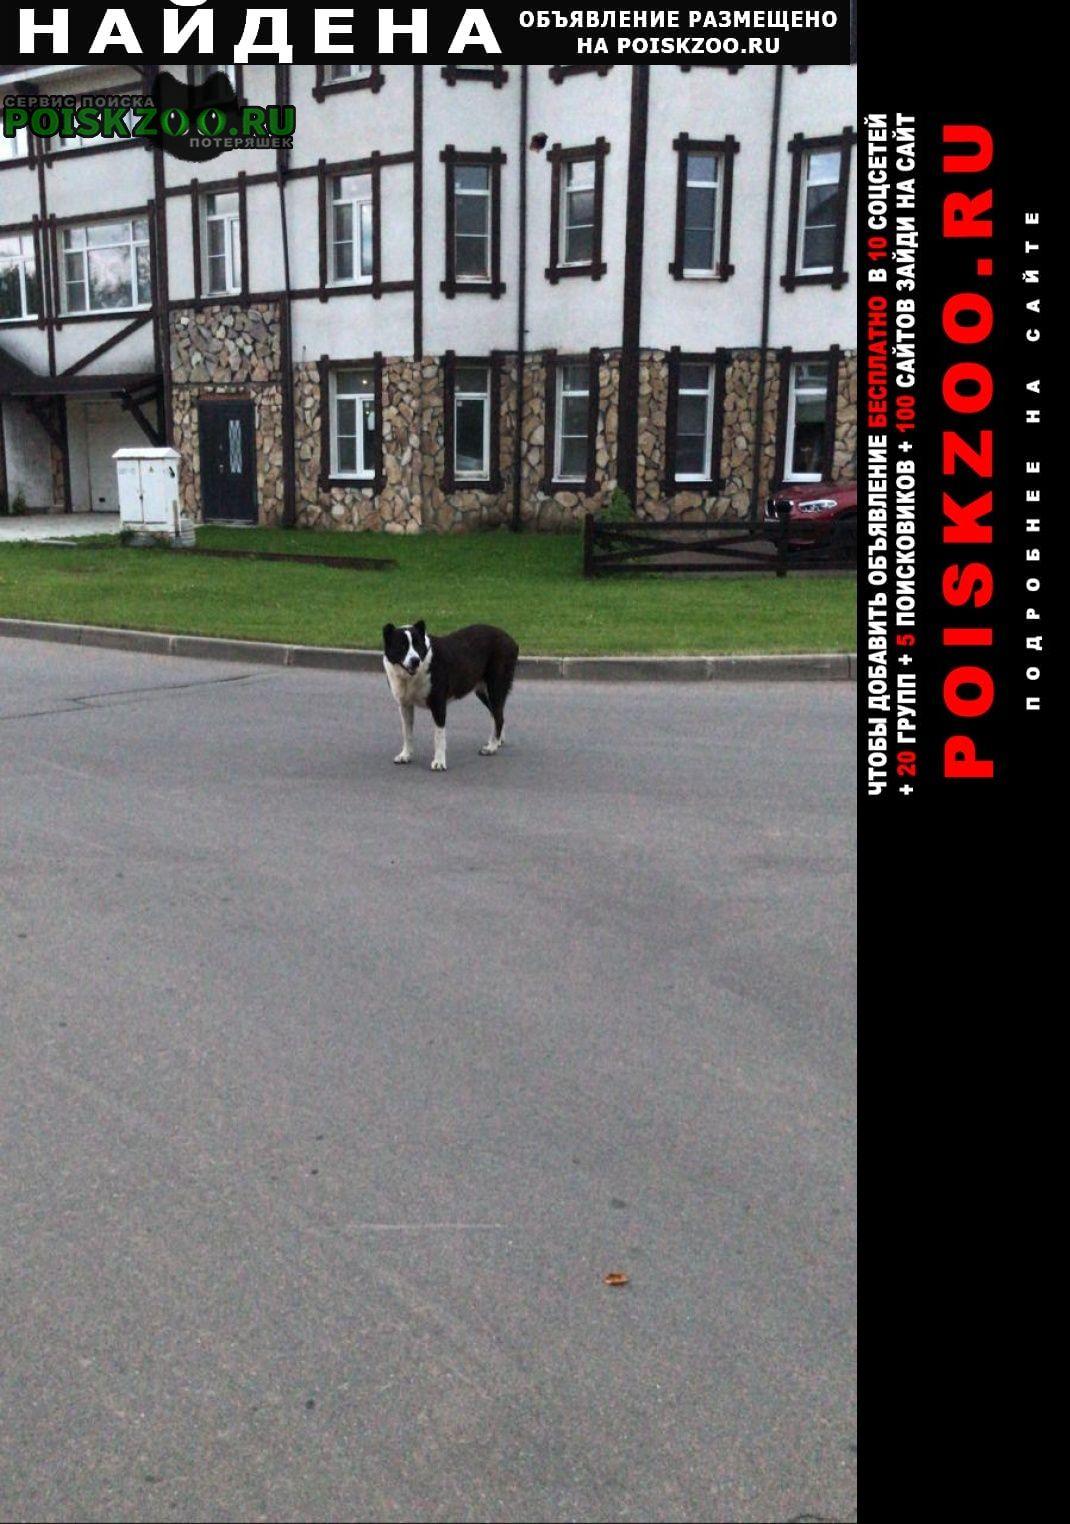 Найдена собака Лесной Городок